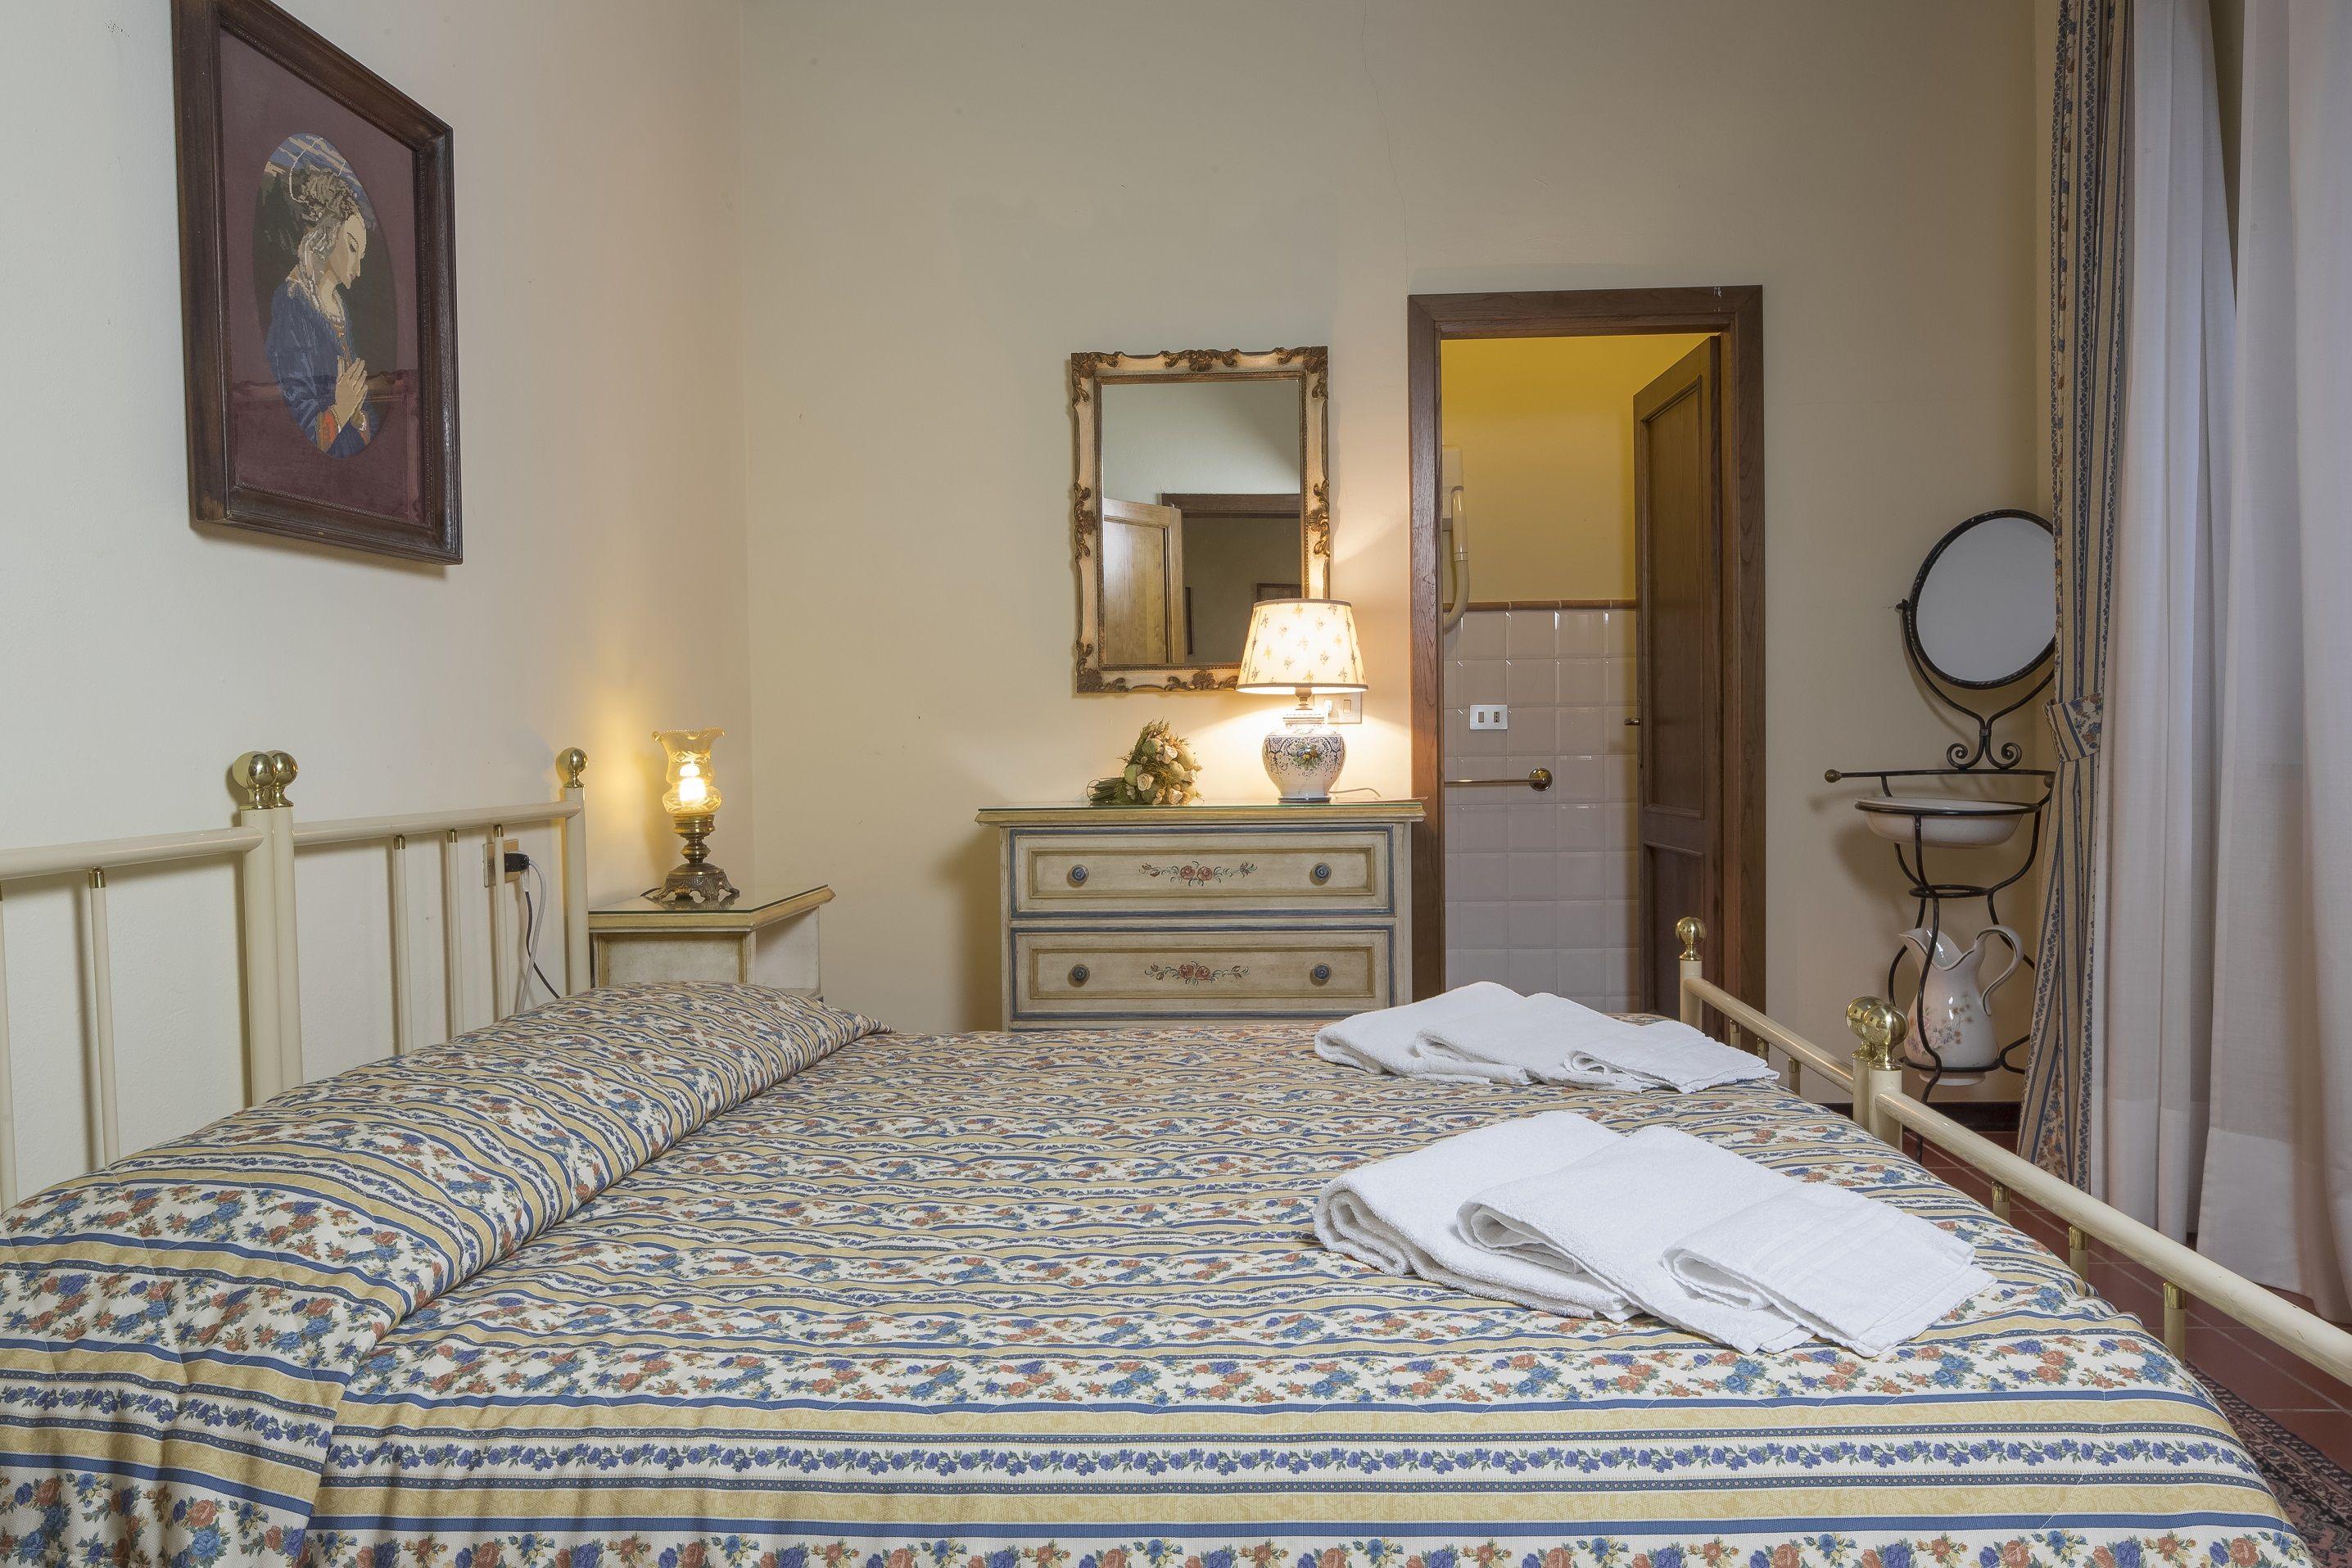 Apartment Bosco Lazzeroni Residence - Nabucco Holiday Home photo 19172214